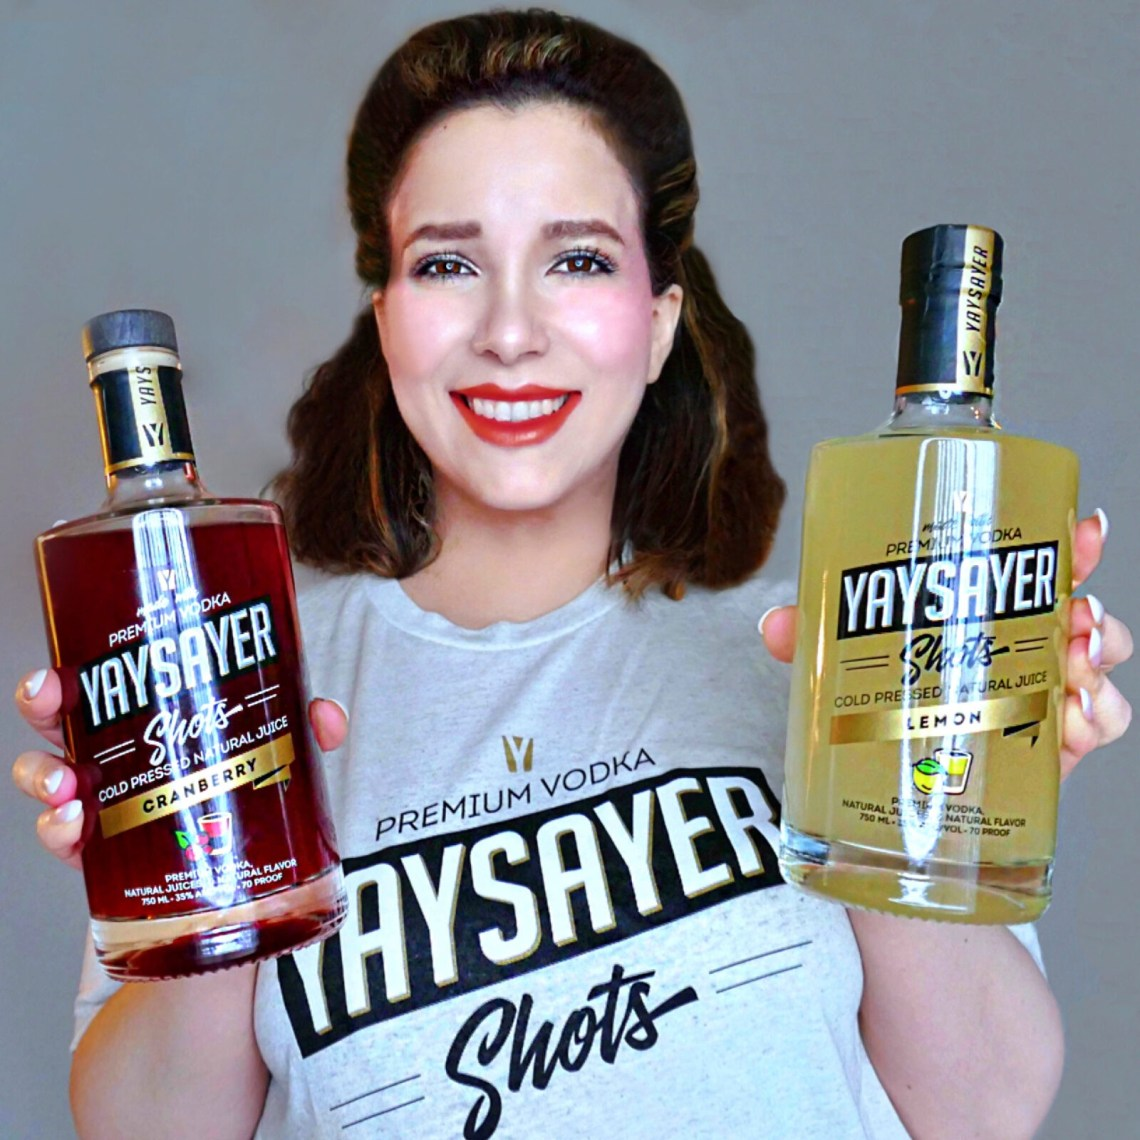 Yaysayer-shots-premium-vodka-shots-review-flavors-craberry-lemon